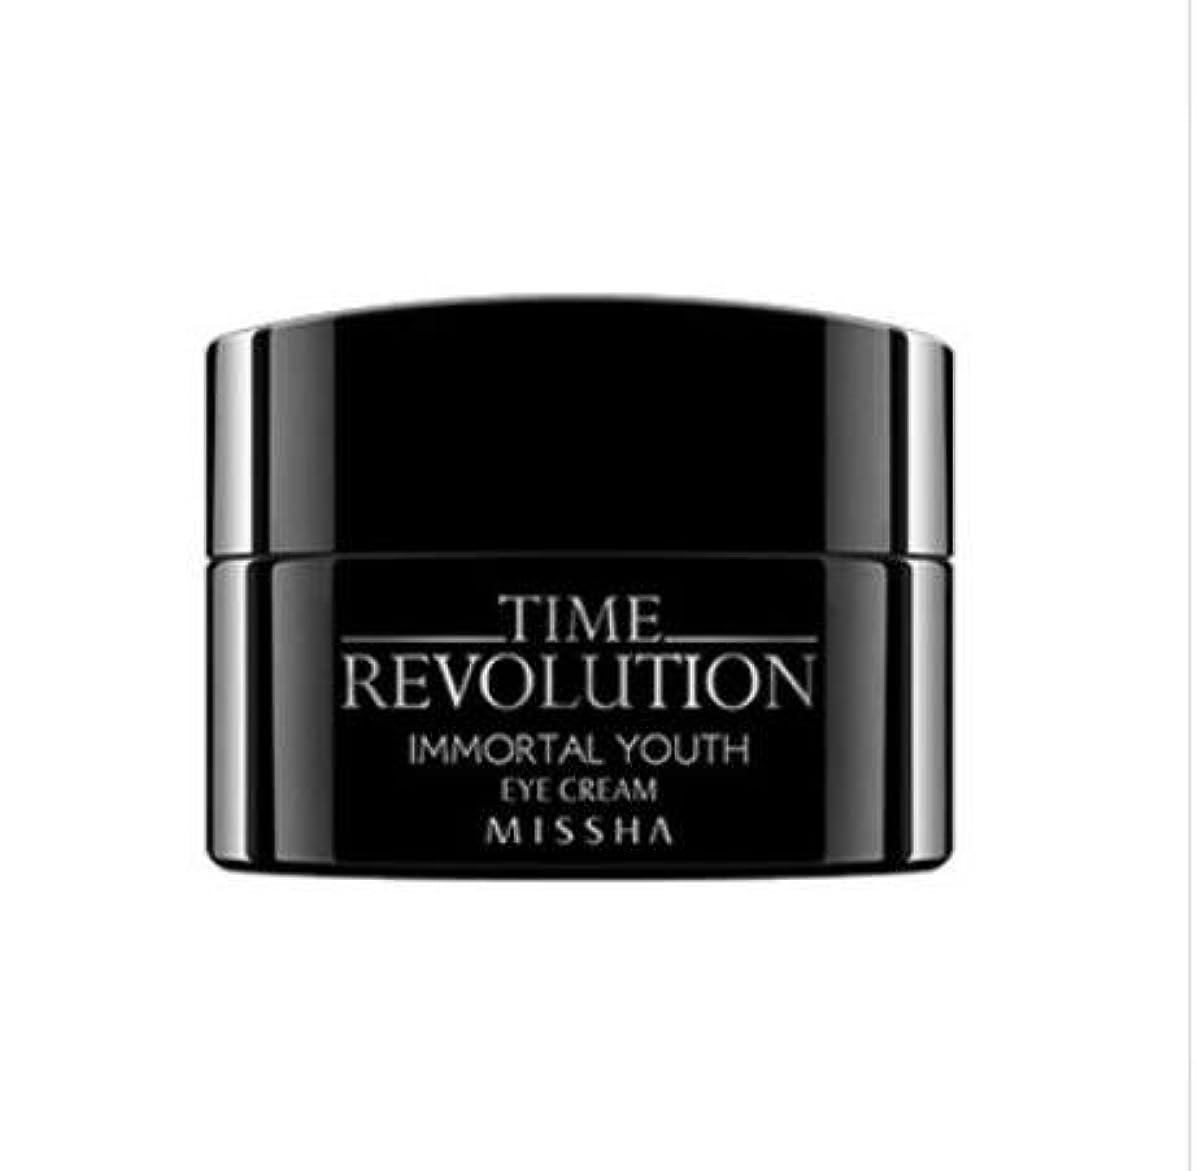 壮大なルビー優先[ミシャ] Missha [タイムレボリューション イモタルユース アイクリーム](MISSHA Time Revolution Immortal Youth Eye Cream) [並行輸入品]